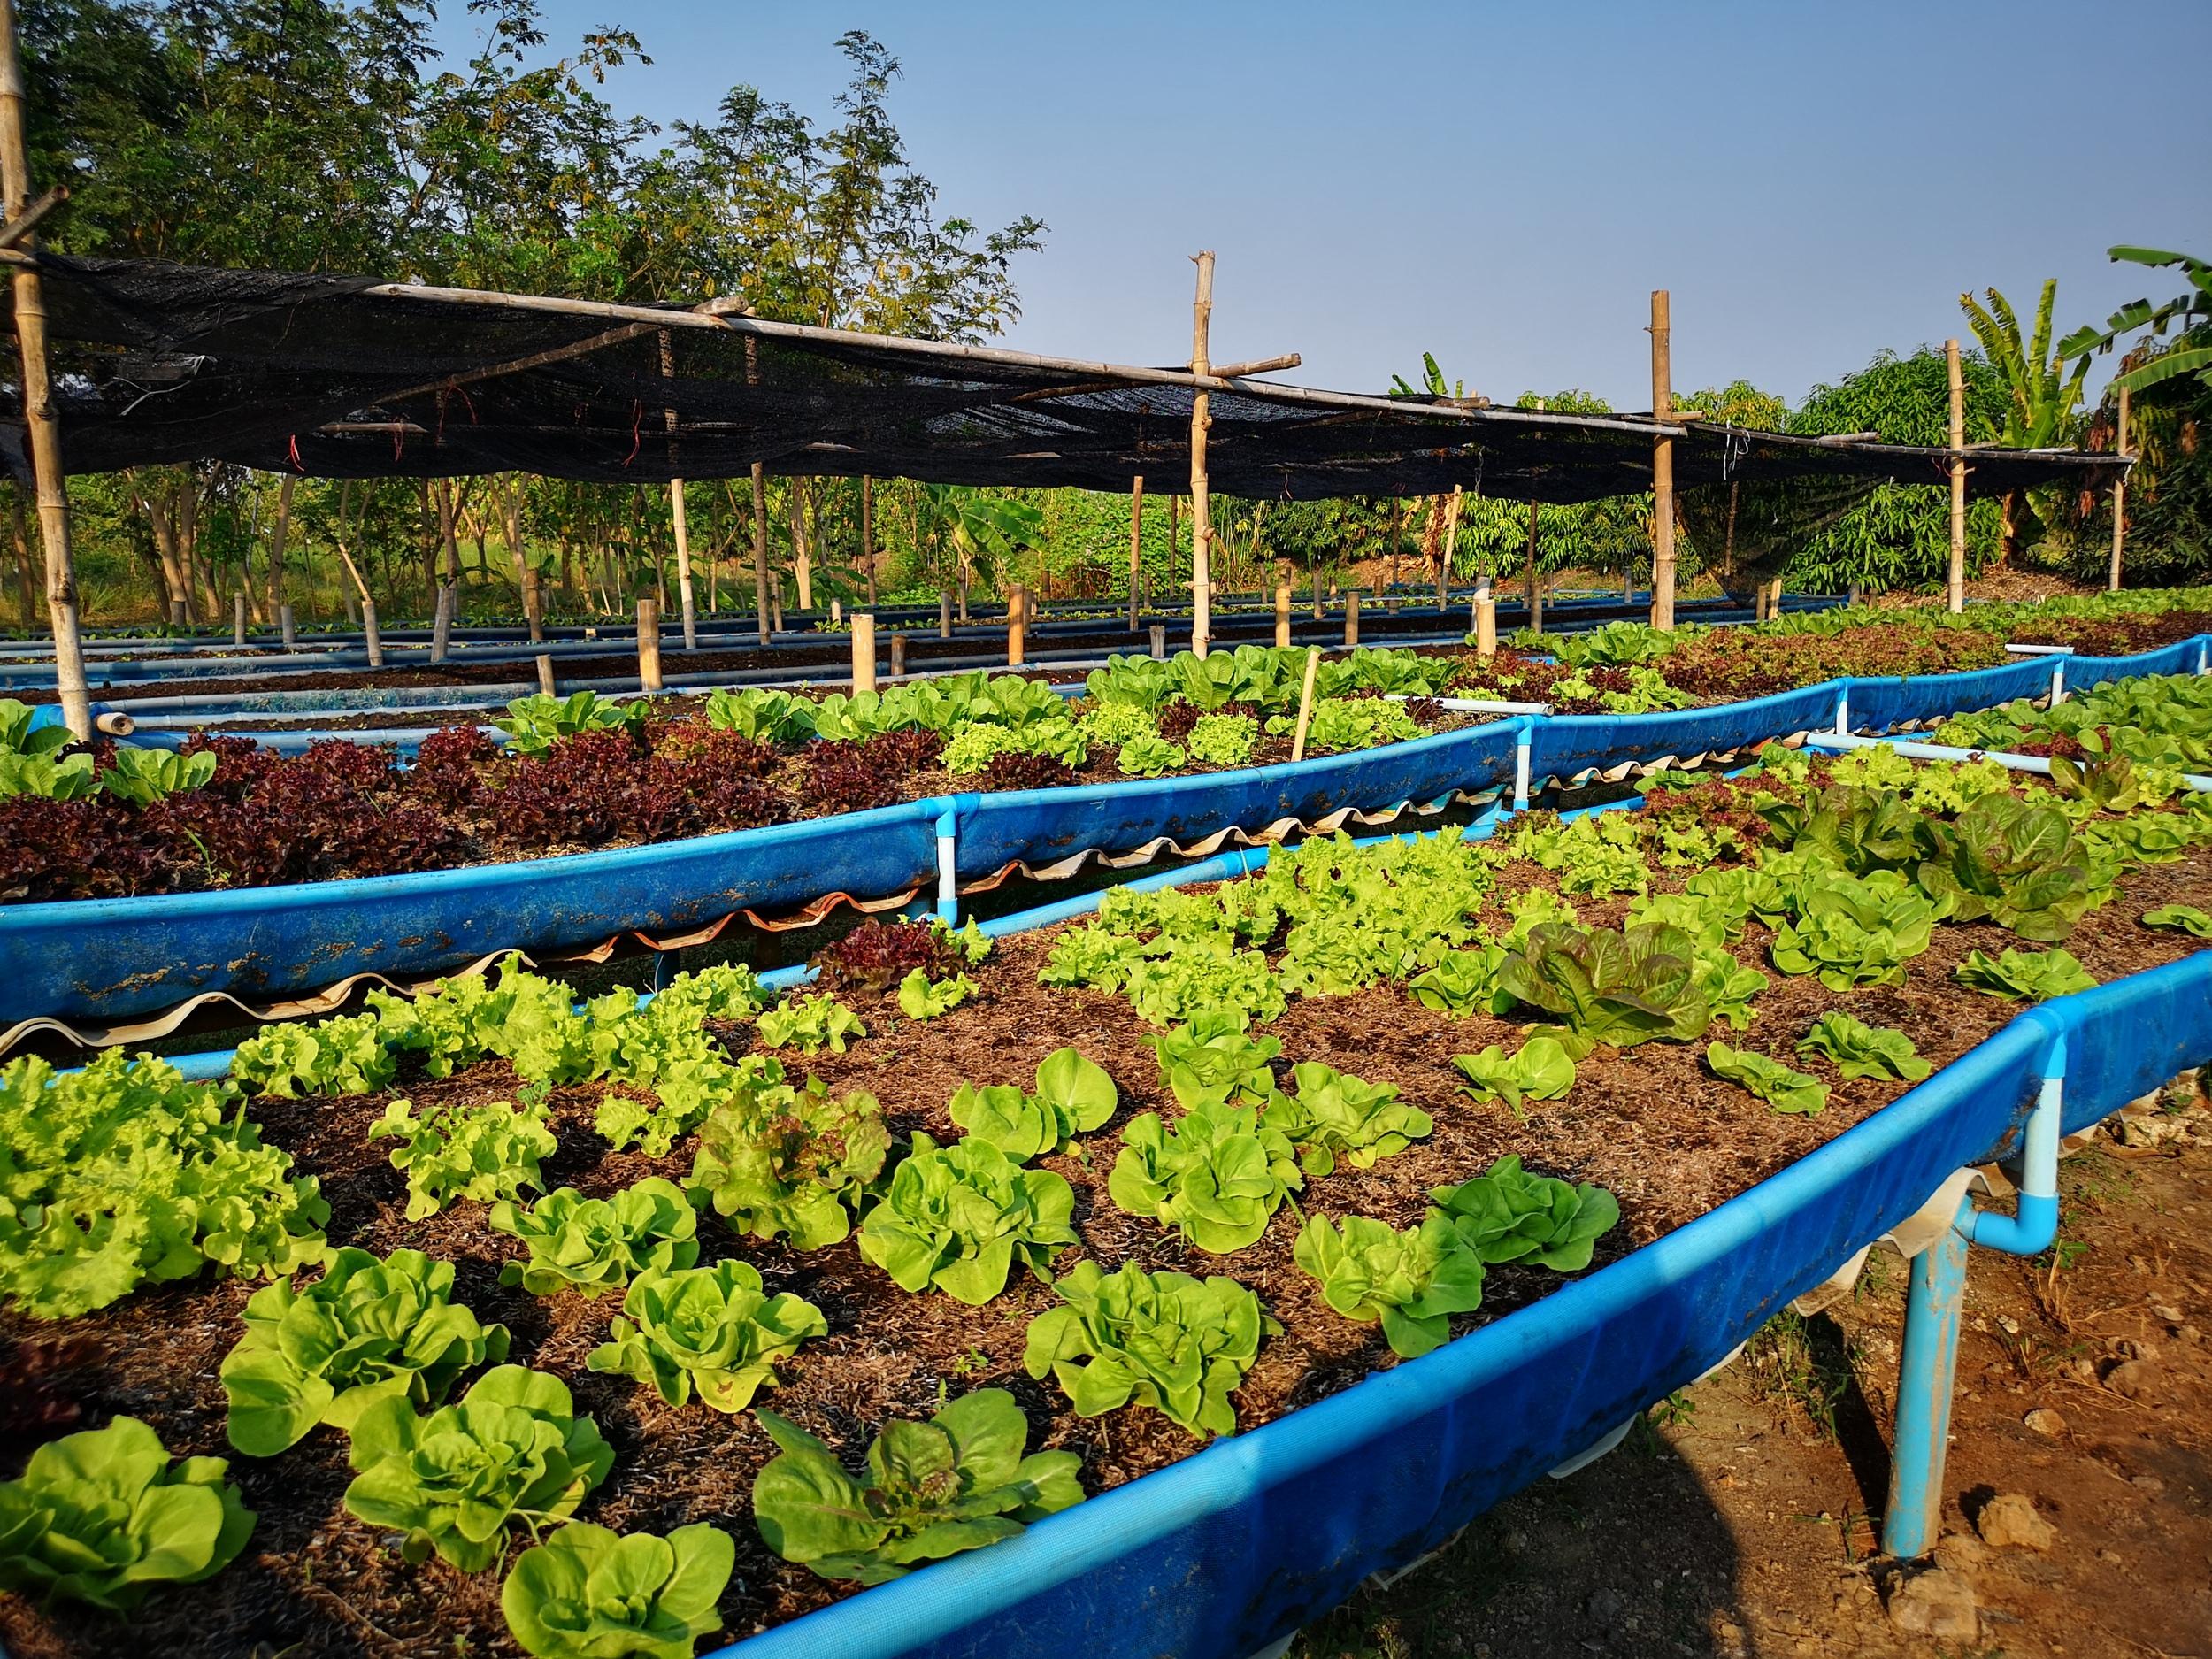 เมื่อ 'น้ำ' เปลี่ยนเกษตรเคมีสู่เกษตรอินทรีย์ thaihealth